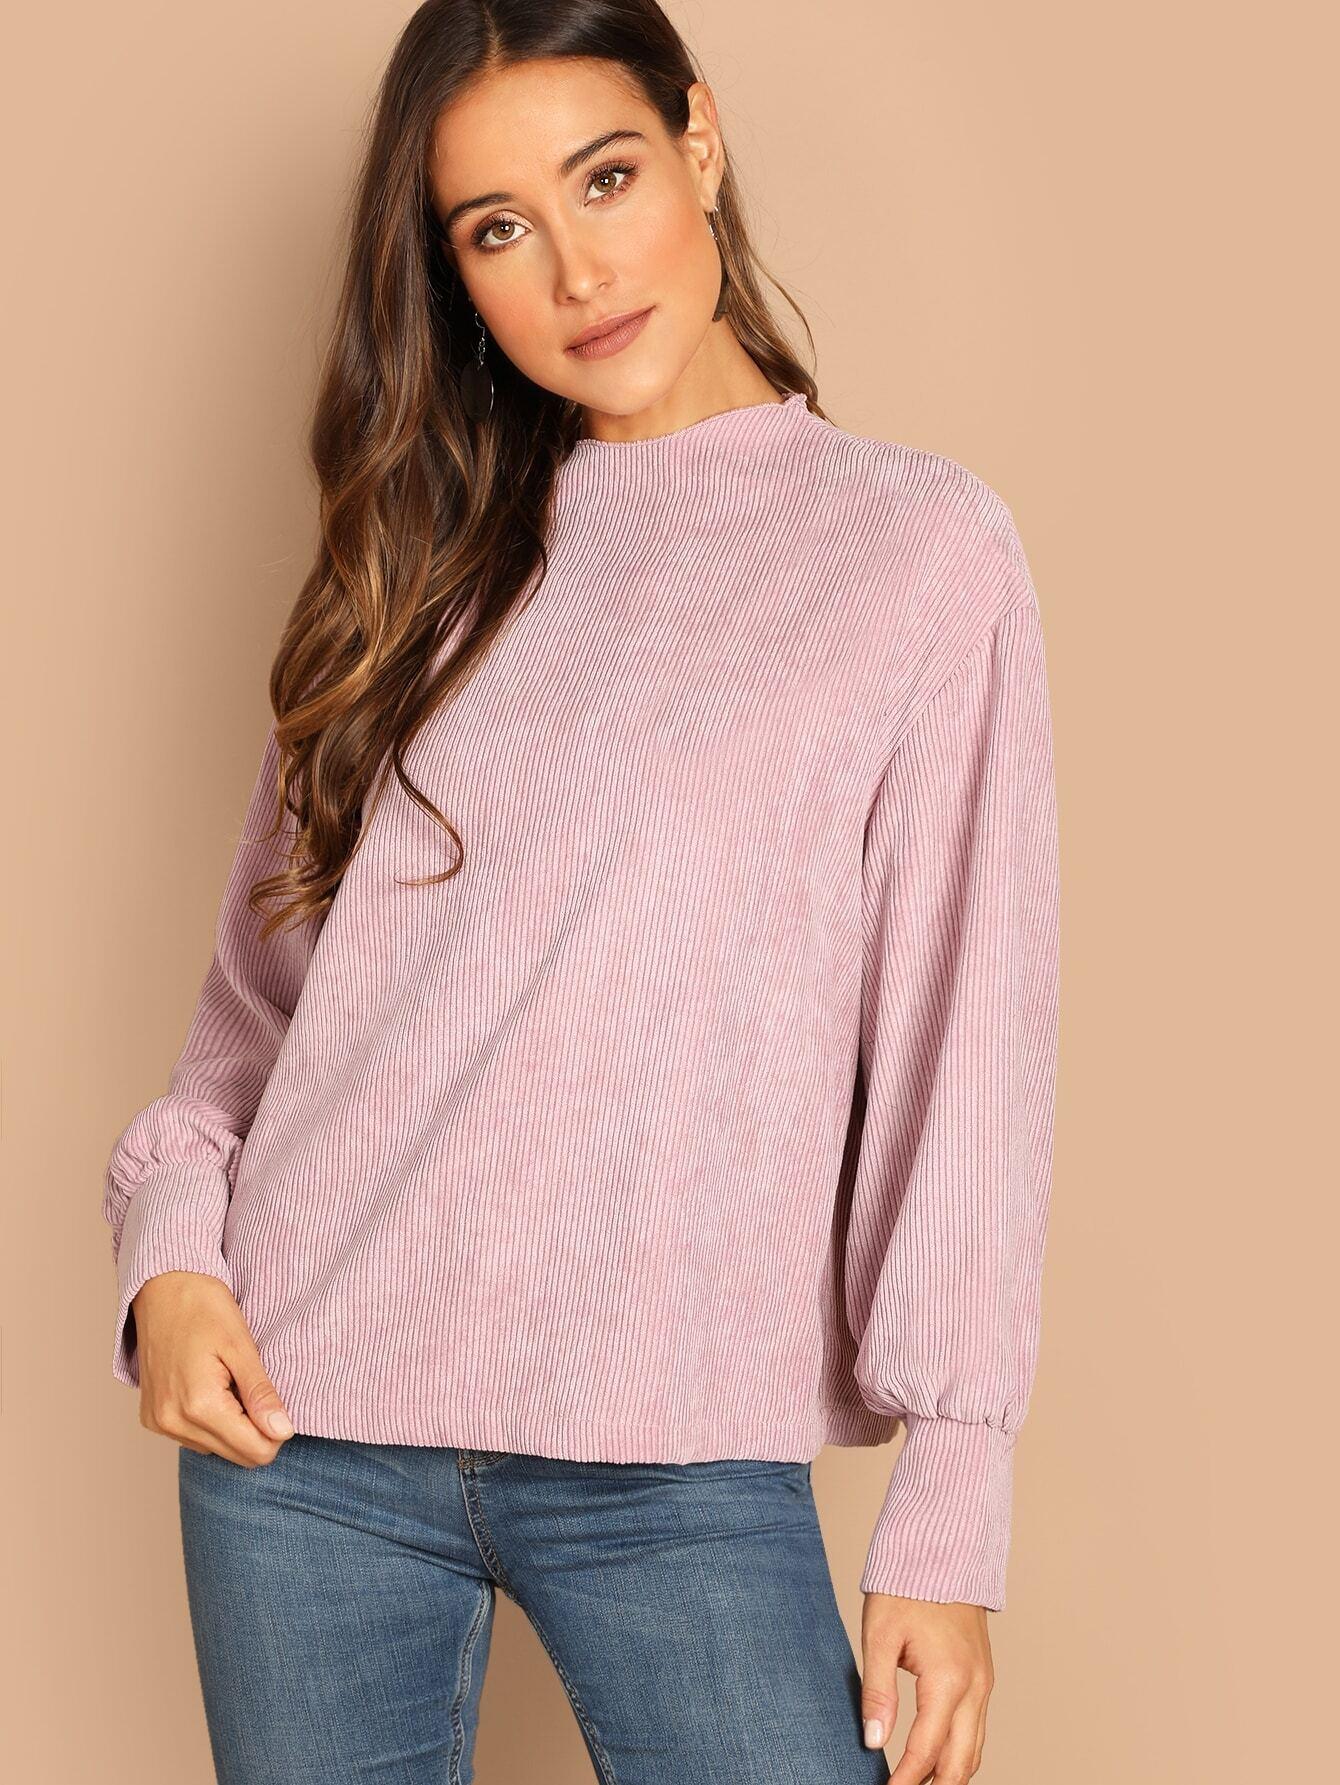 Купить Вельветовый пуловер на молнии сзади, Anna Herrin, SheIn